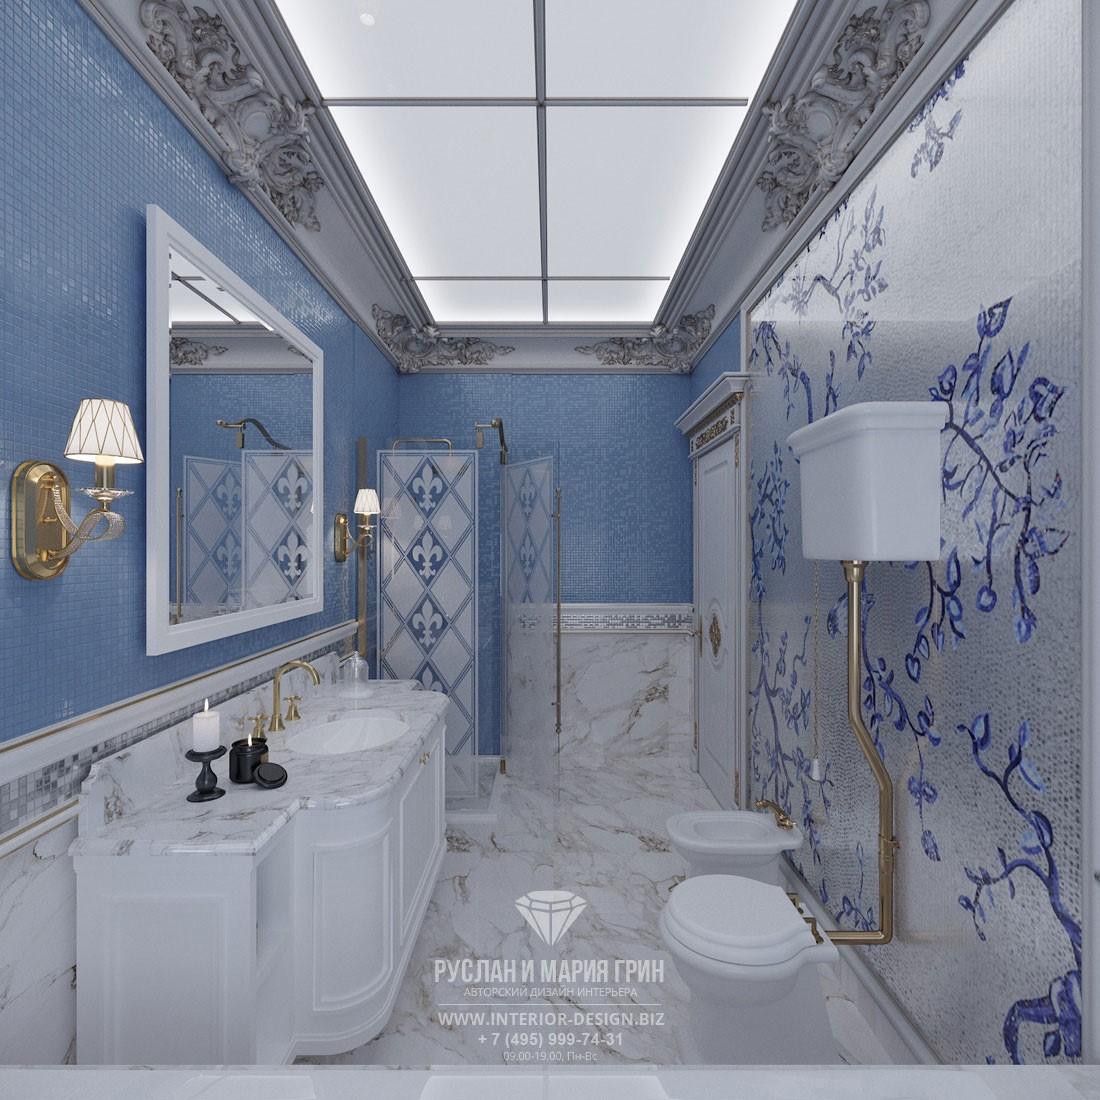 Дизайн ванной комнаты  в классическом стиле с мозаичной отделкой